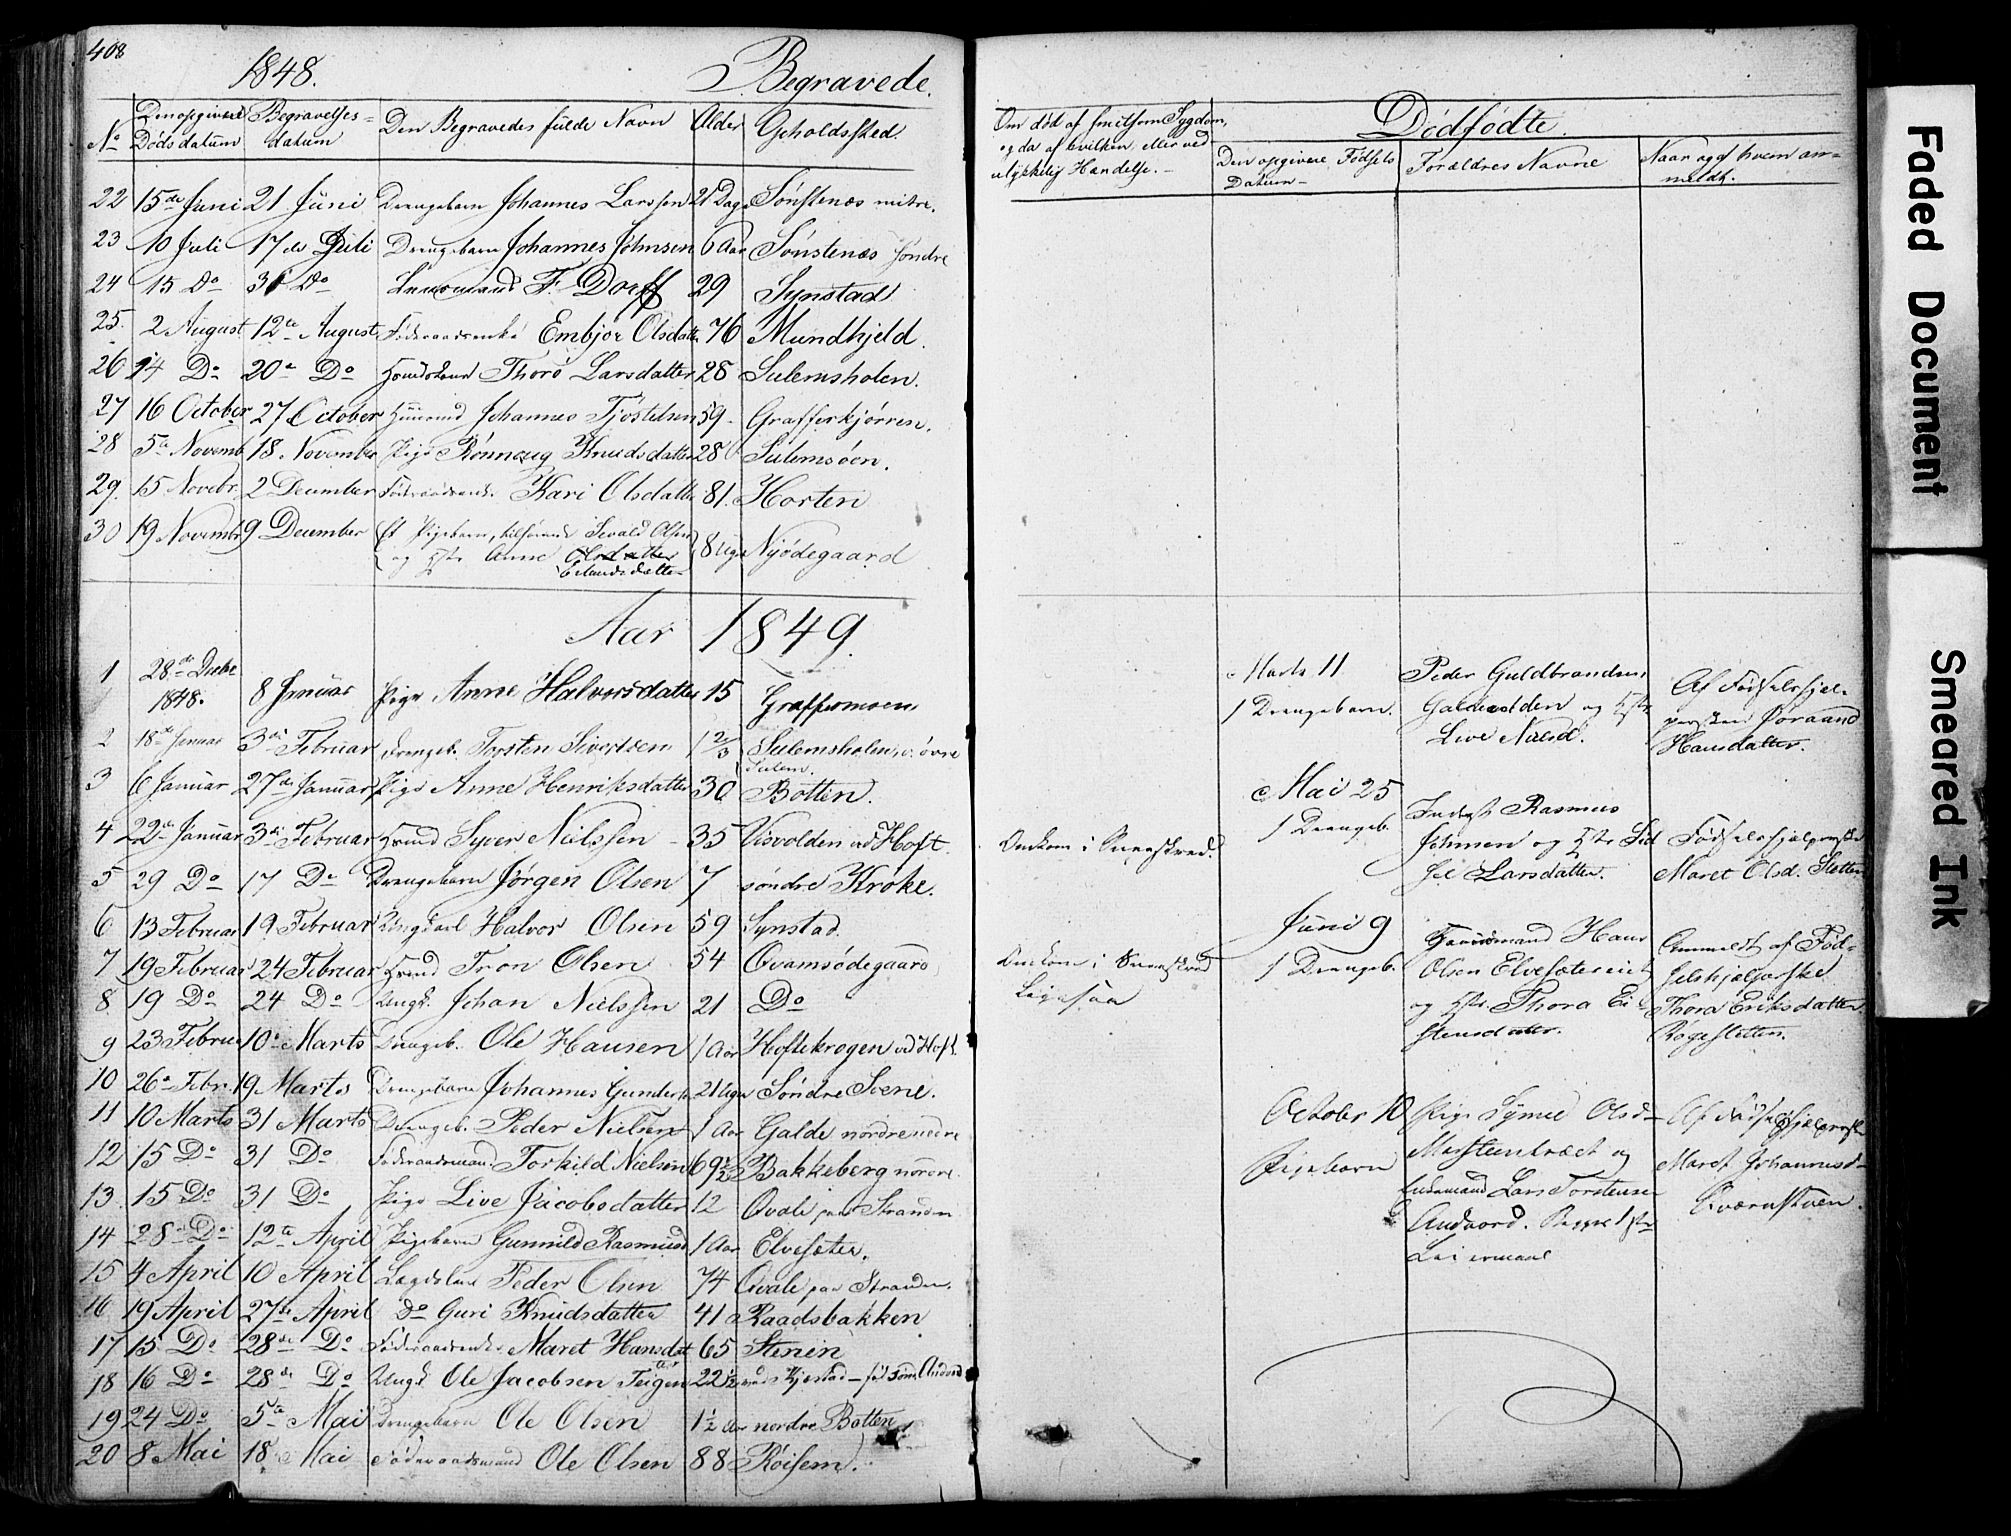 SAH, Lom prestekontor, L/L0012: Klokkerbok nr. 12, 1845-1873, s. 408-409